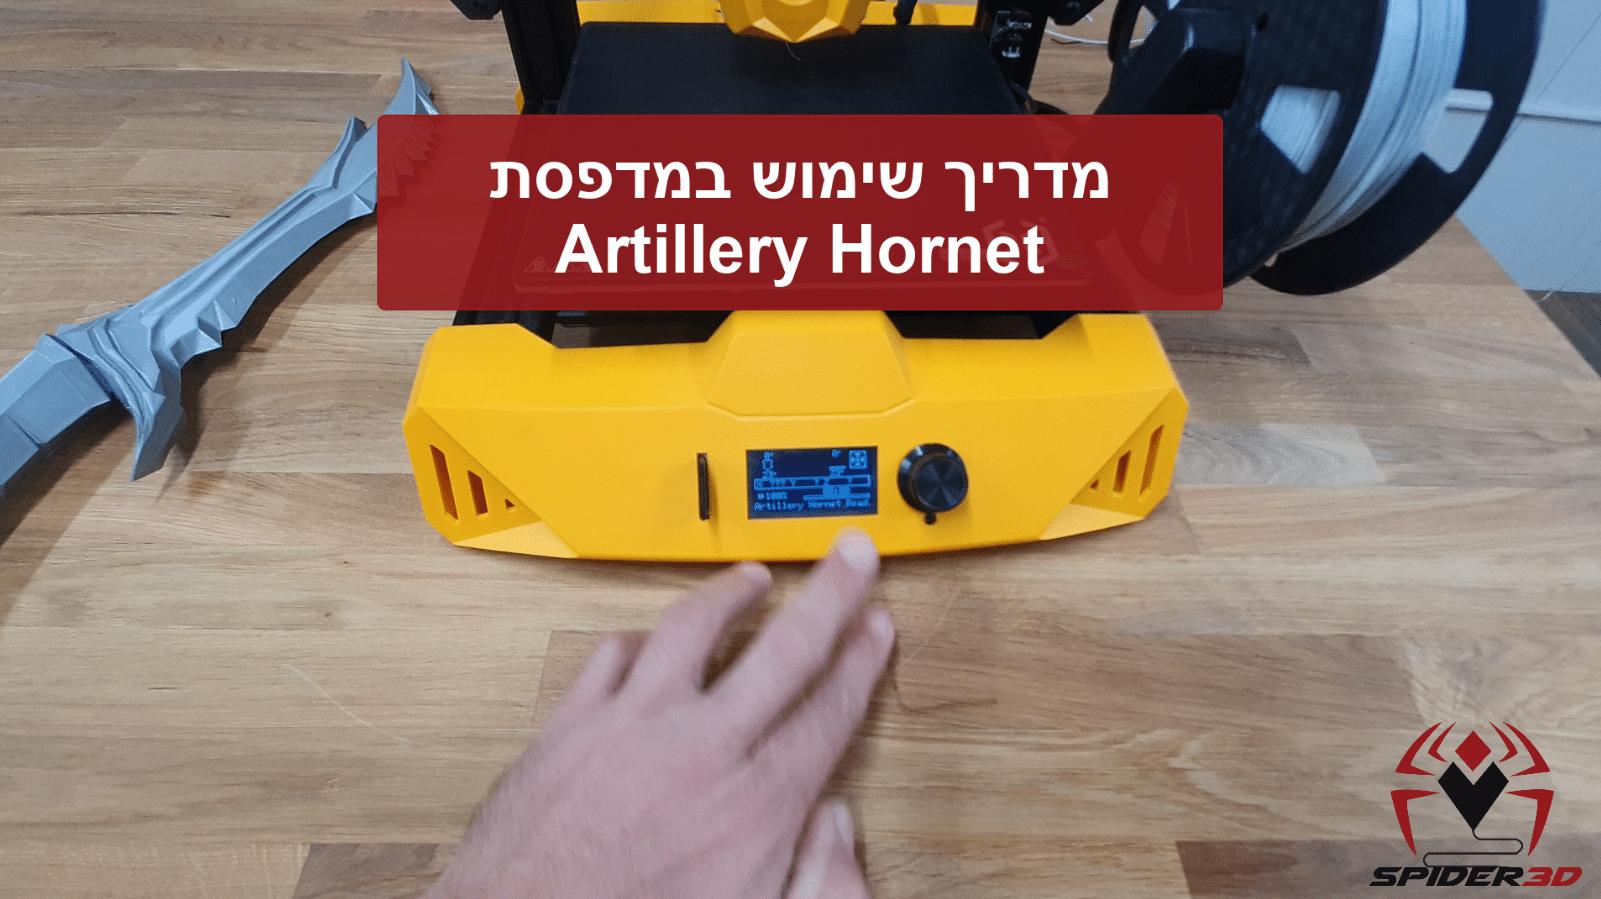 מדריך שימוש מדפסת תלת מימד ארטילרי הורנט hornet